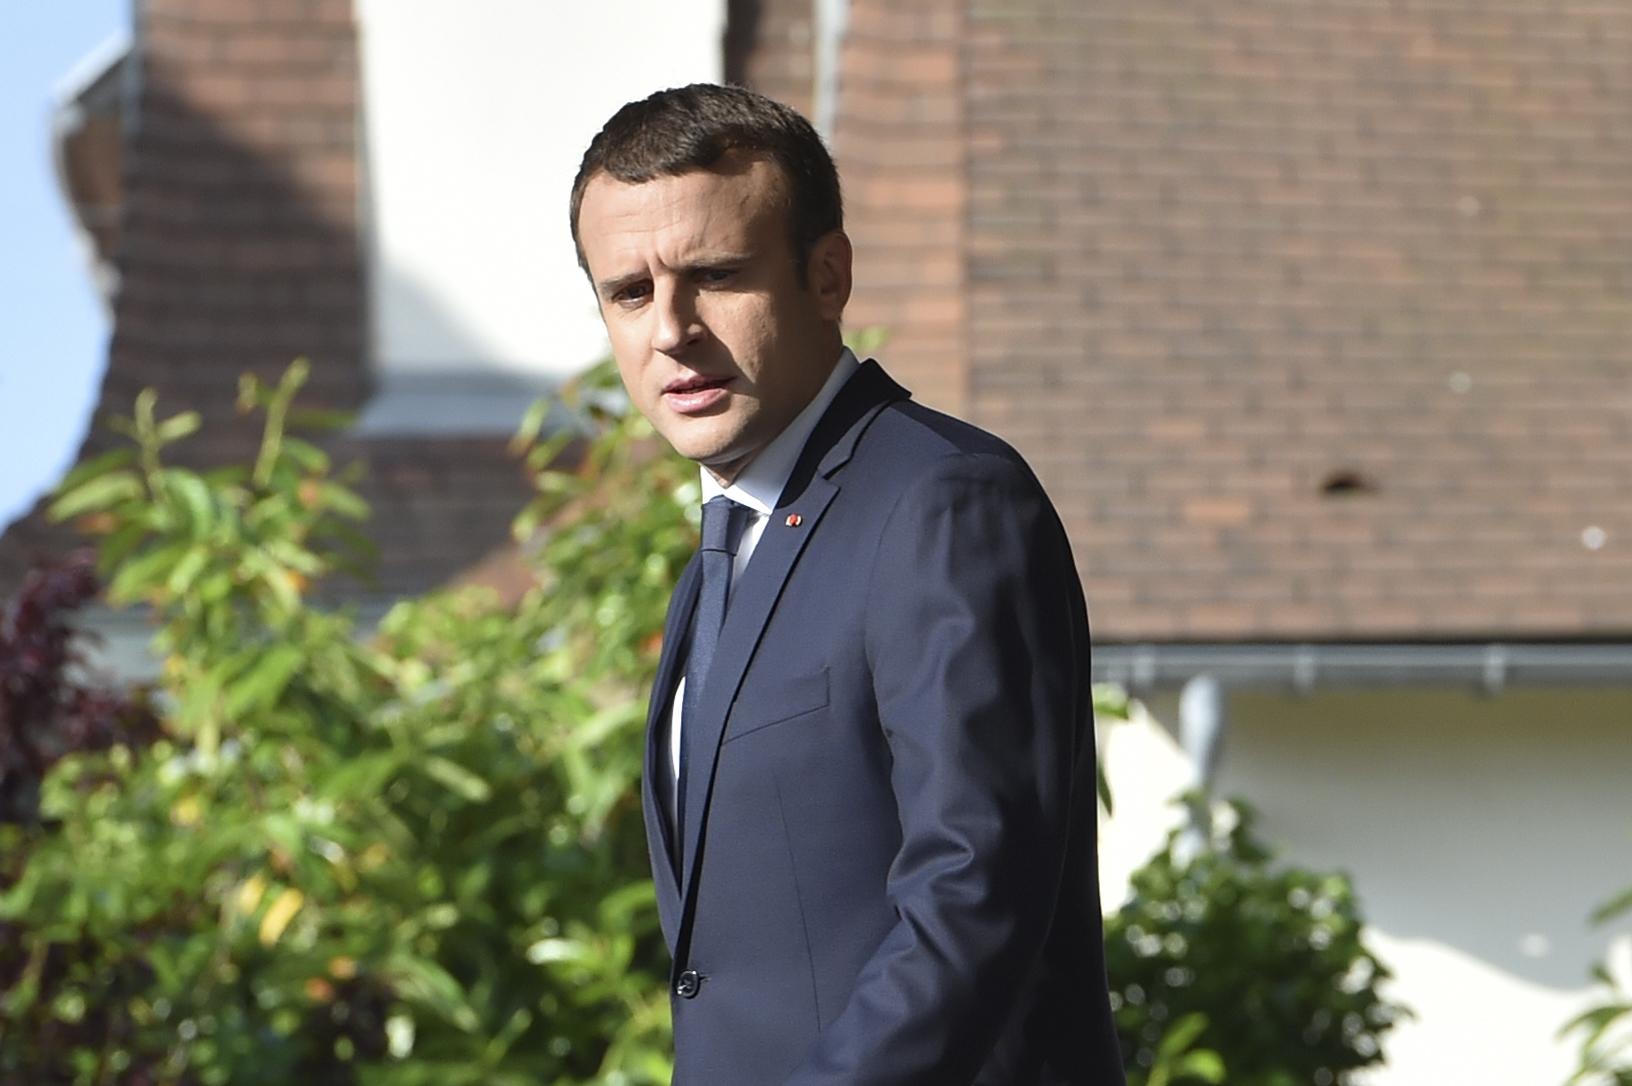 الرئيس الفرنسى إيمانويل ماكرون يتجه للإدلاء بصوته فى الانتخابات